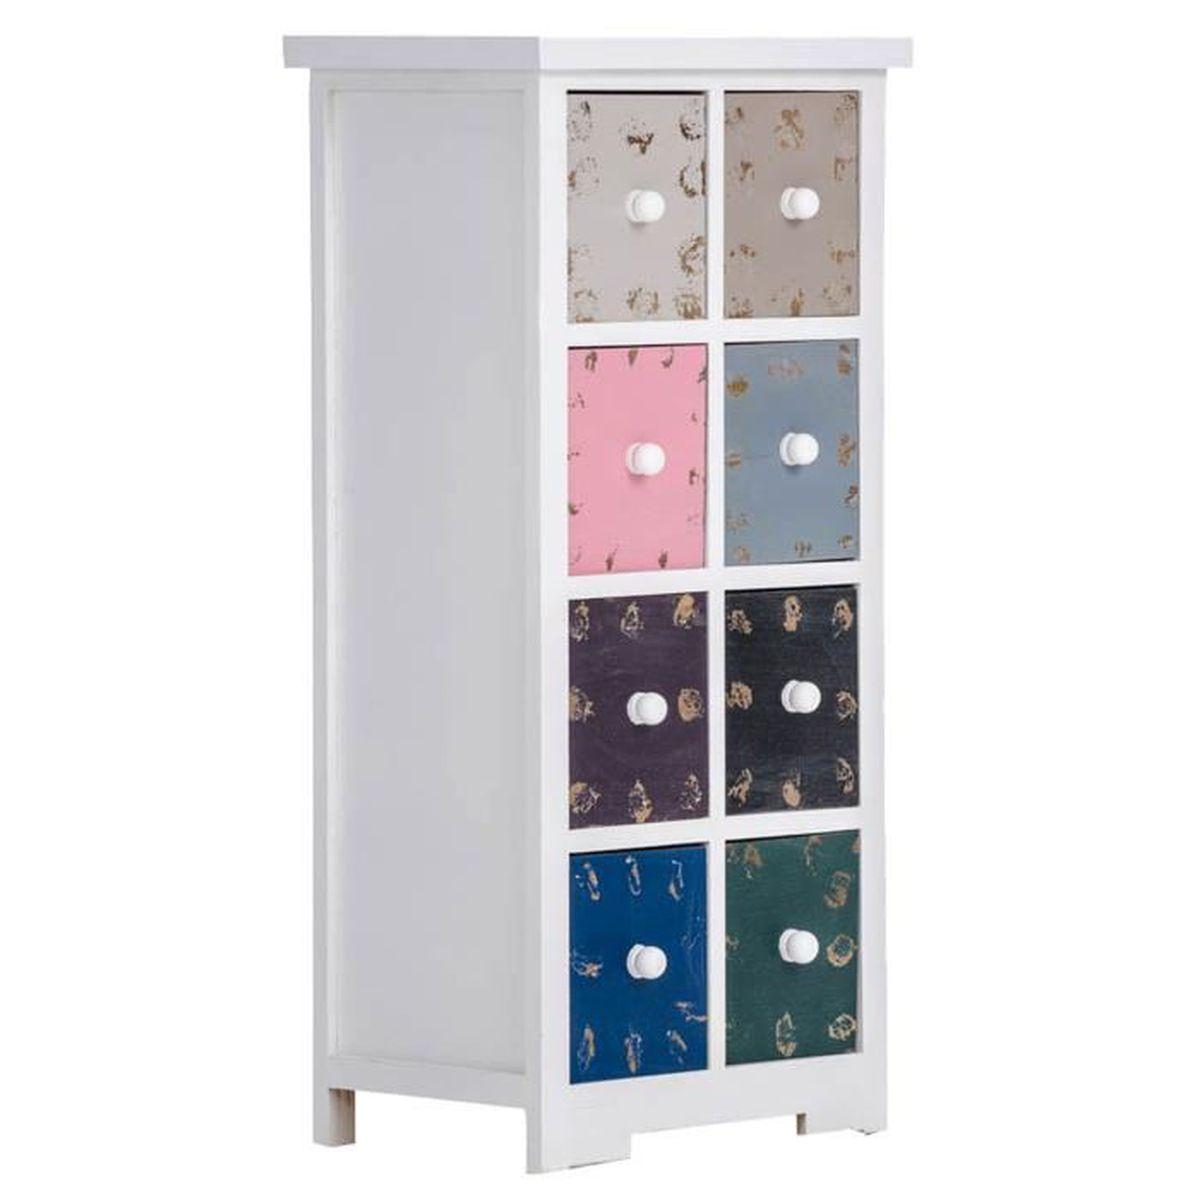 commode blanche avec 8 tiroirs multicolore en bois 86 5. Black Bedroom Furniture Sets. Home Design Ideas